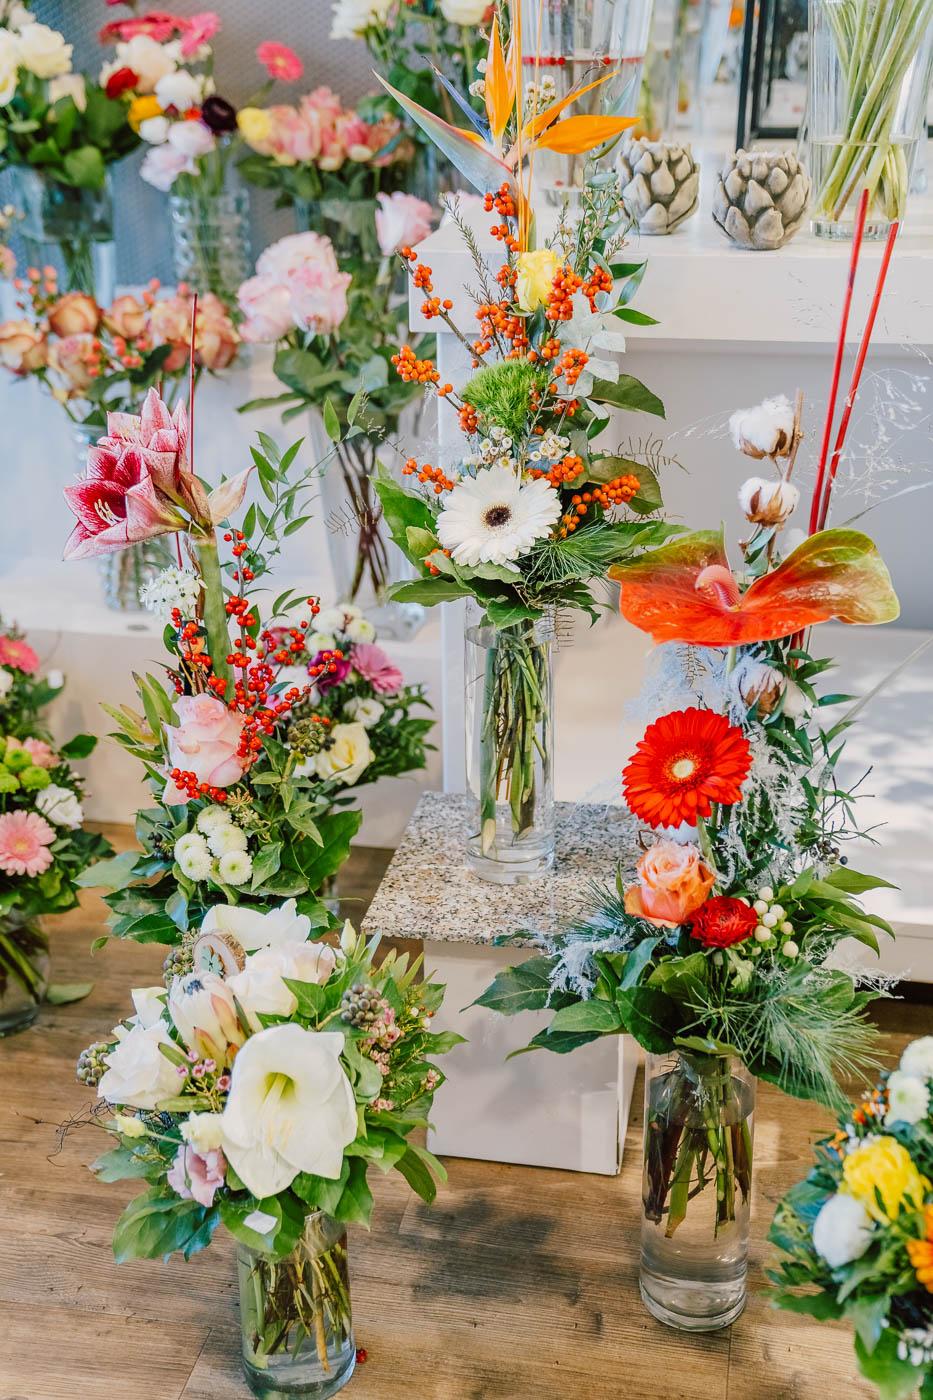 Blumen-Gaby-Strohmeier-straeusse-Dez19-5